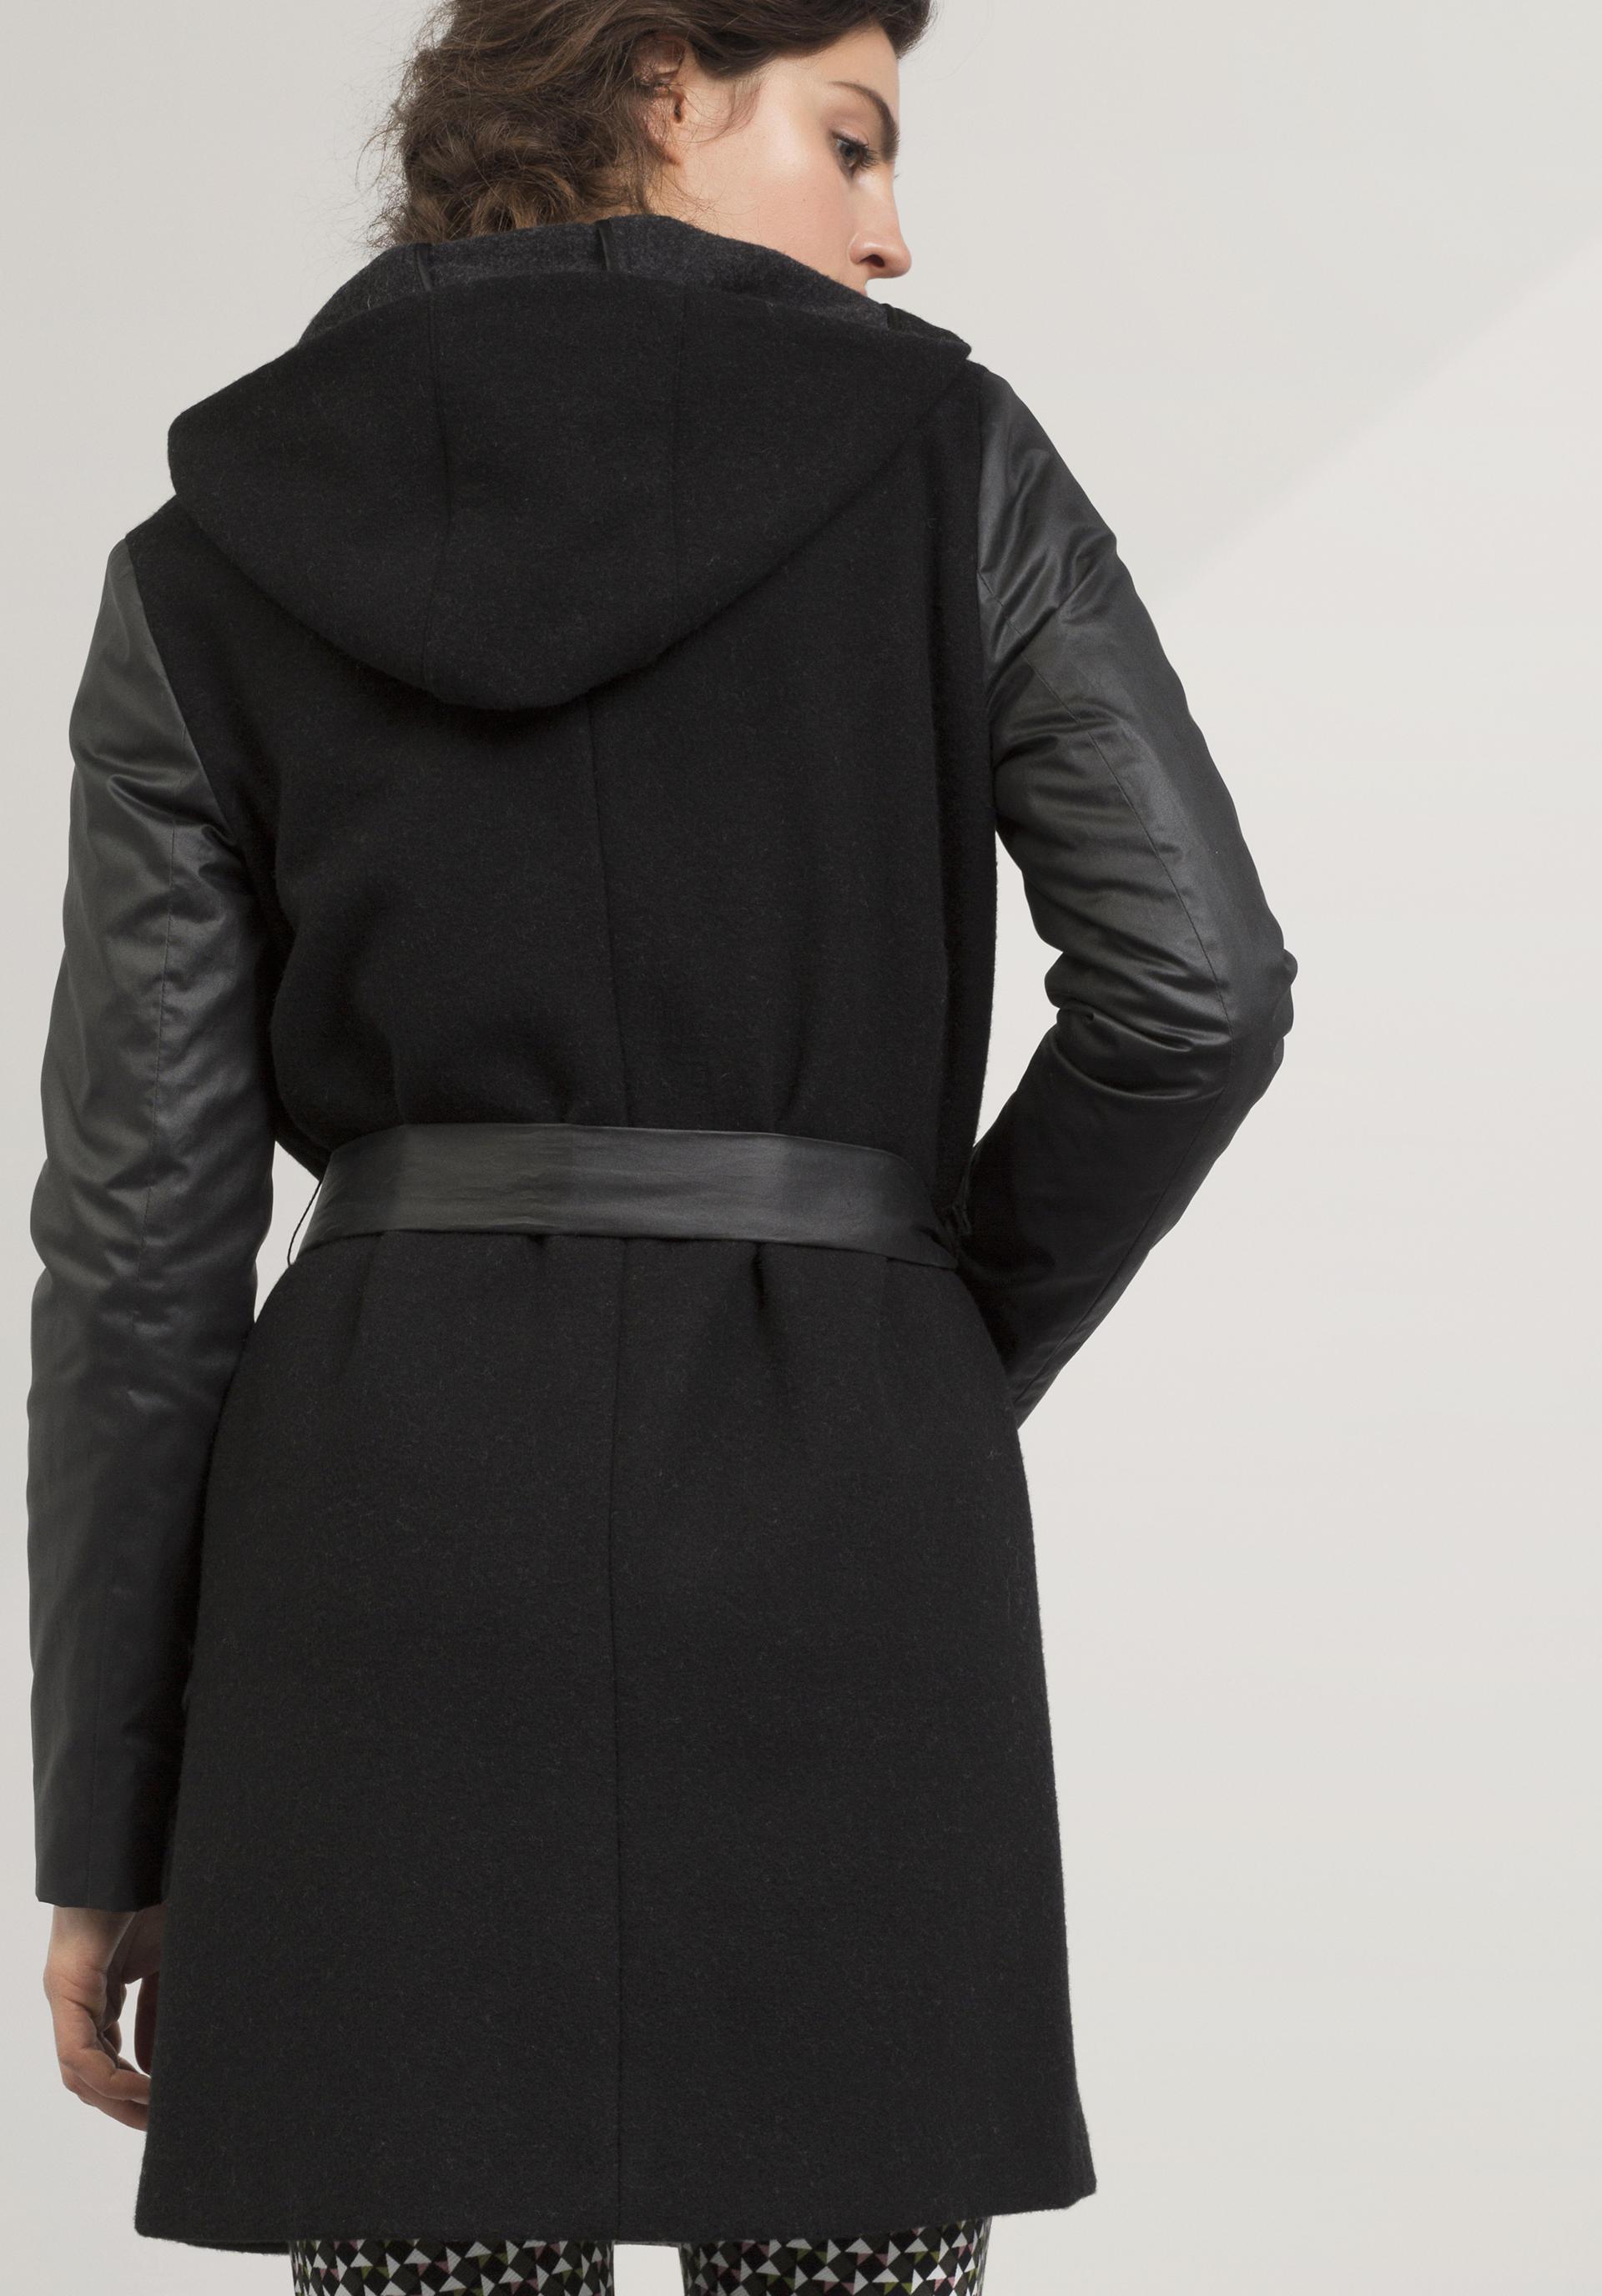 Mantel bio baumwolle